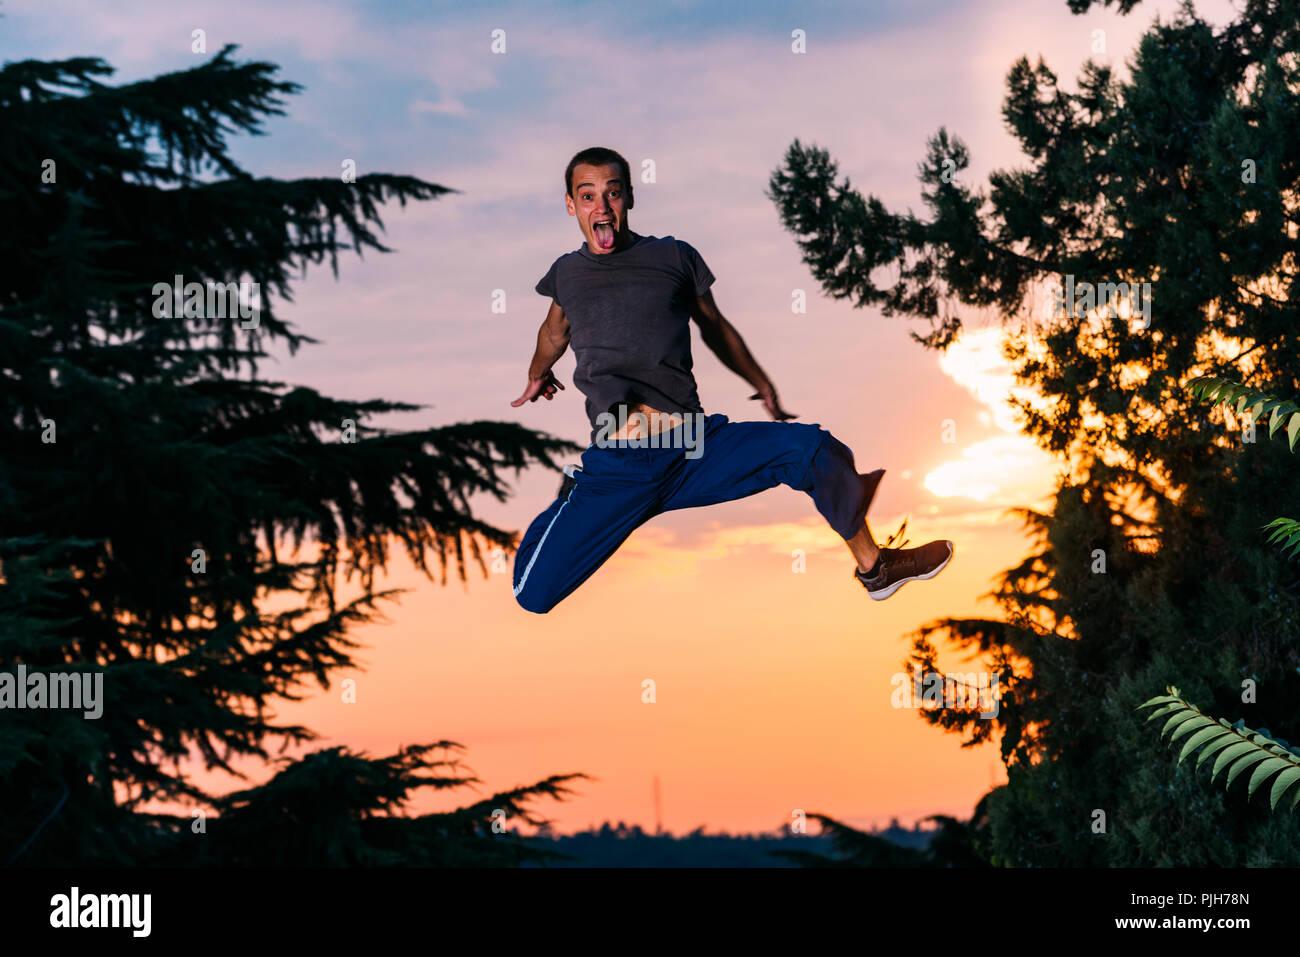 Homme libre exercice parkour runner en plein air lors d'un saut Photo Stock